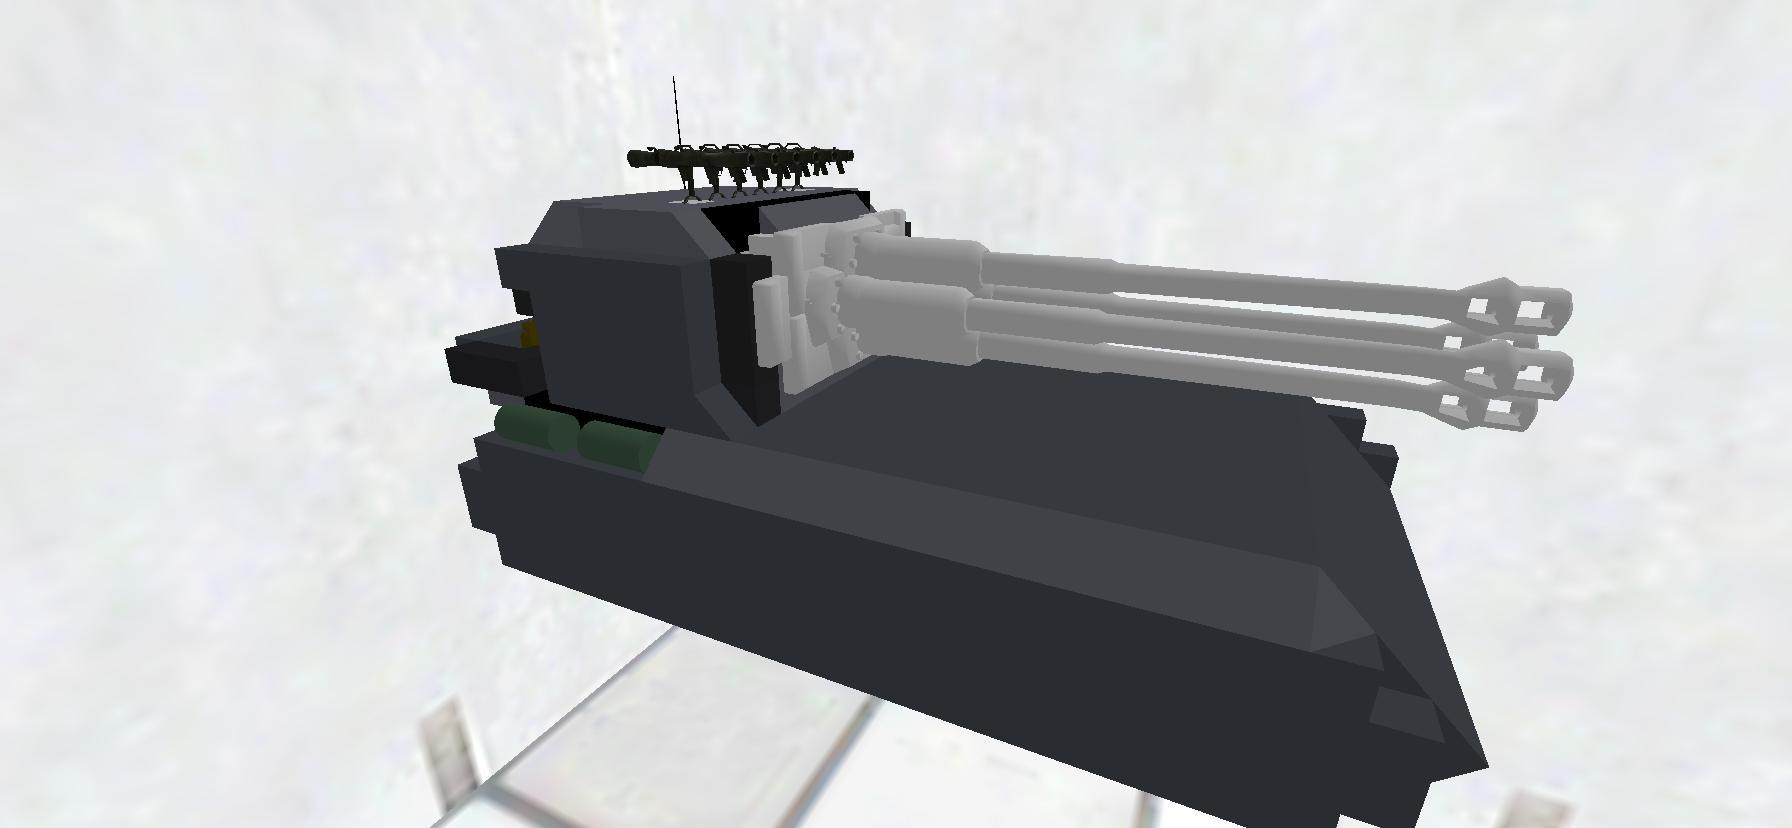 化け物戦車。